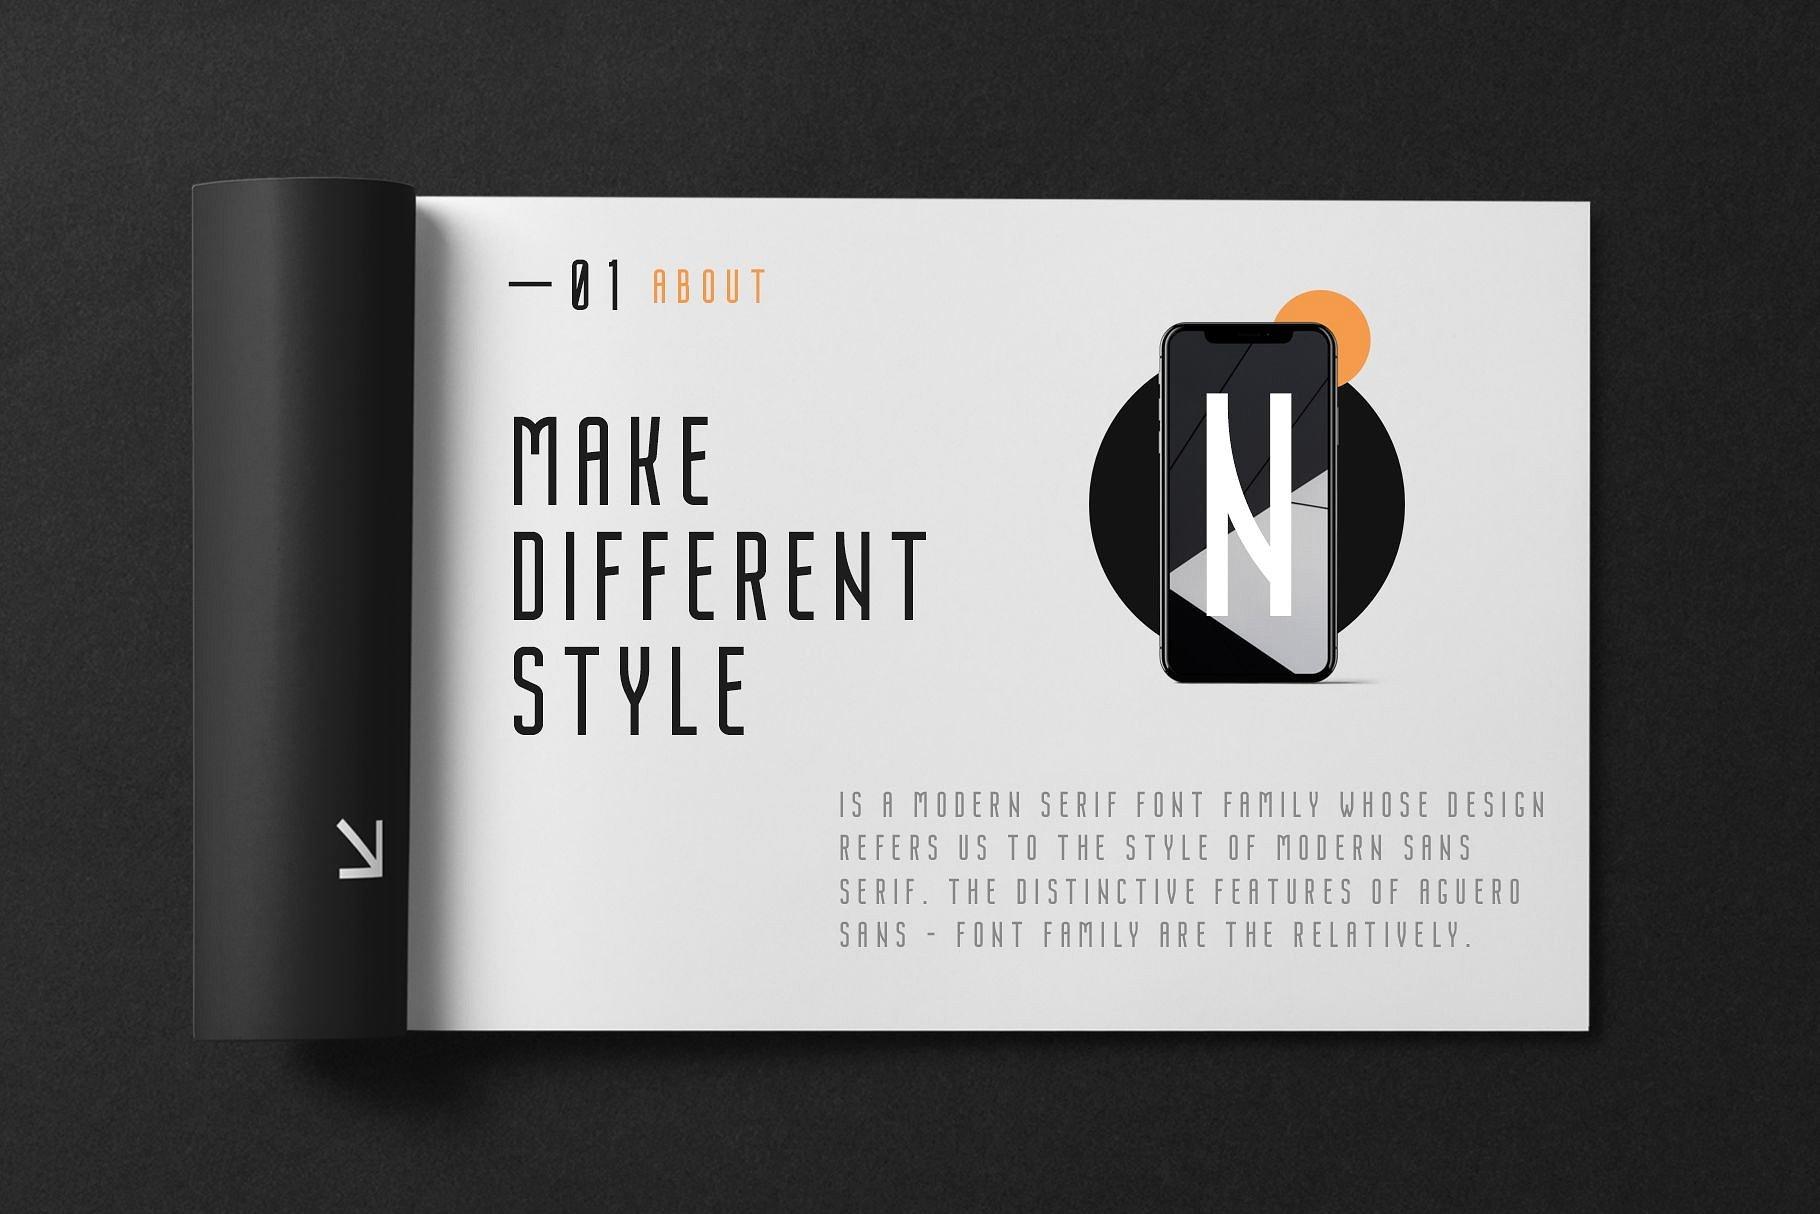 nordin-sans-serif-font-3